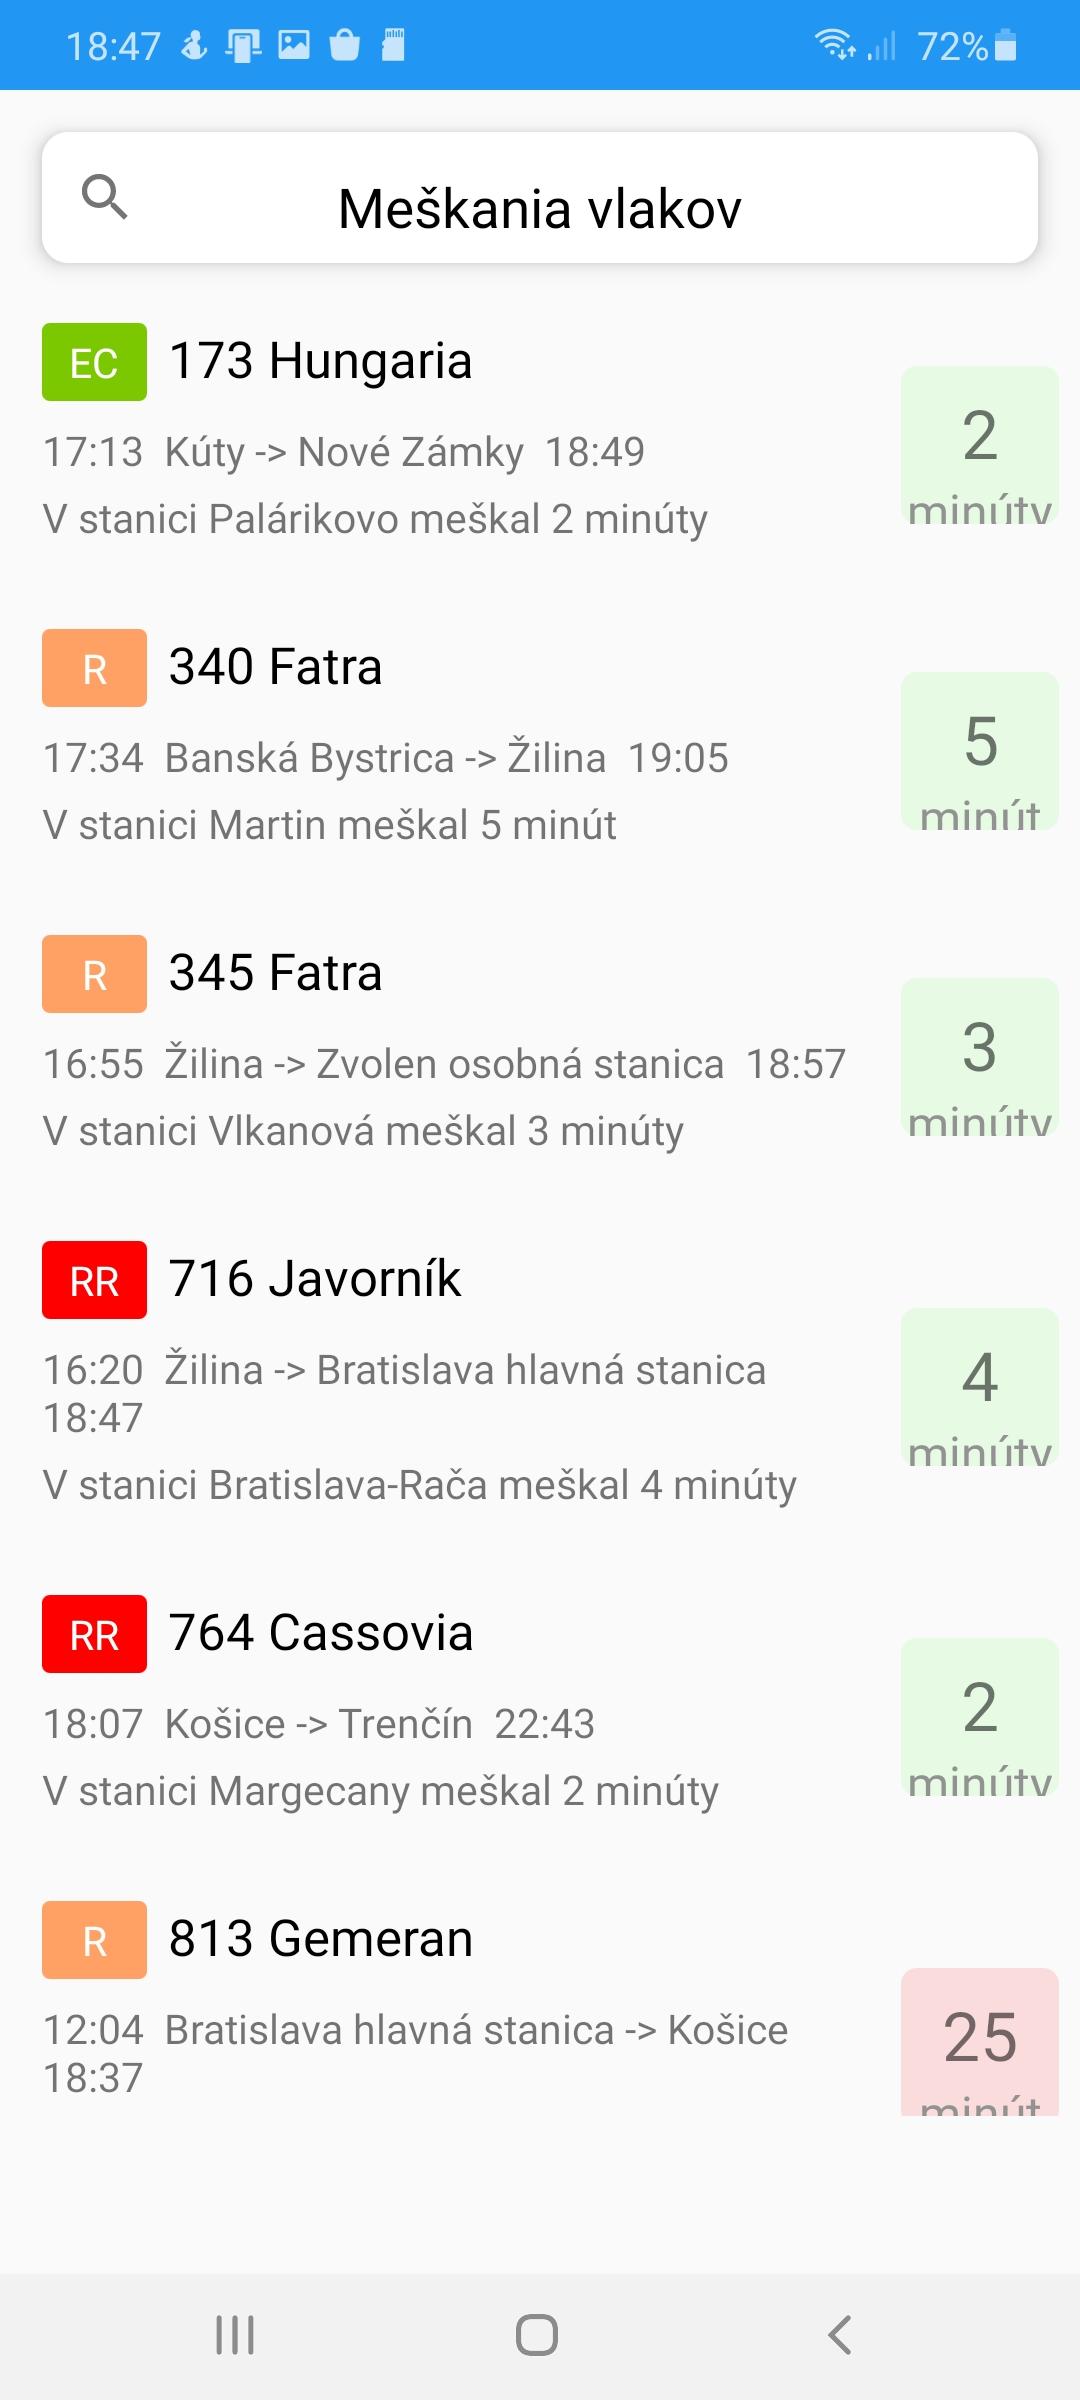 Meškanie vlakov aplikácia zoznam meškaní